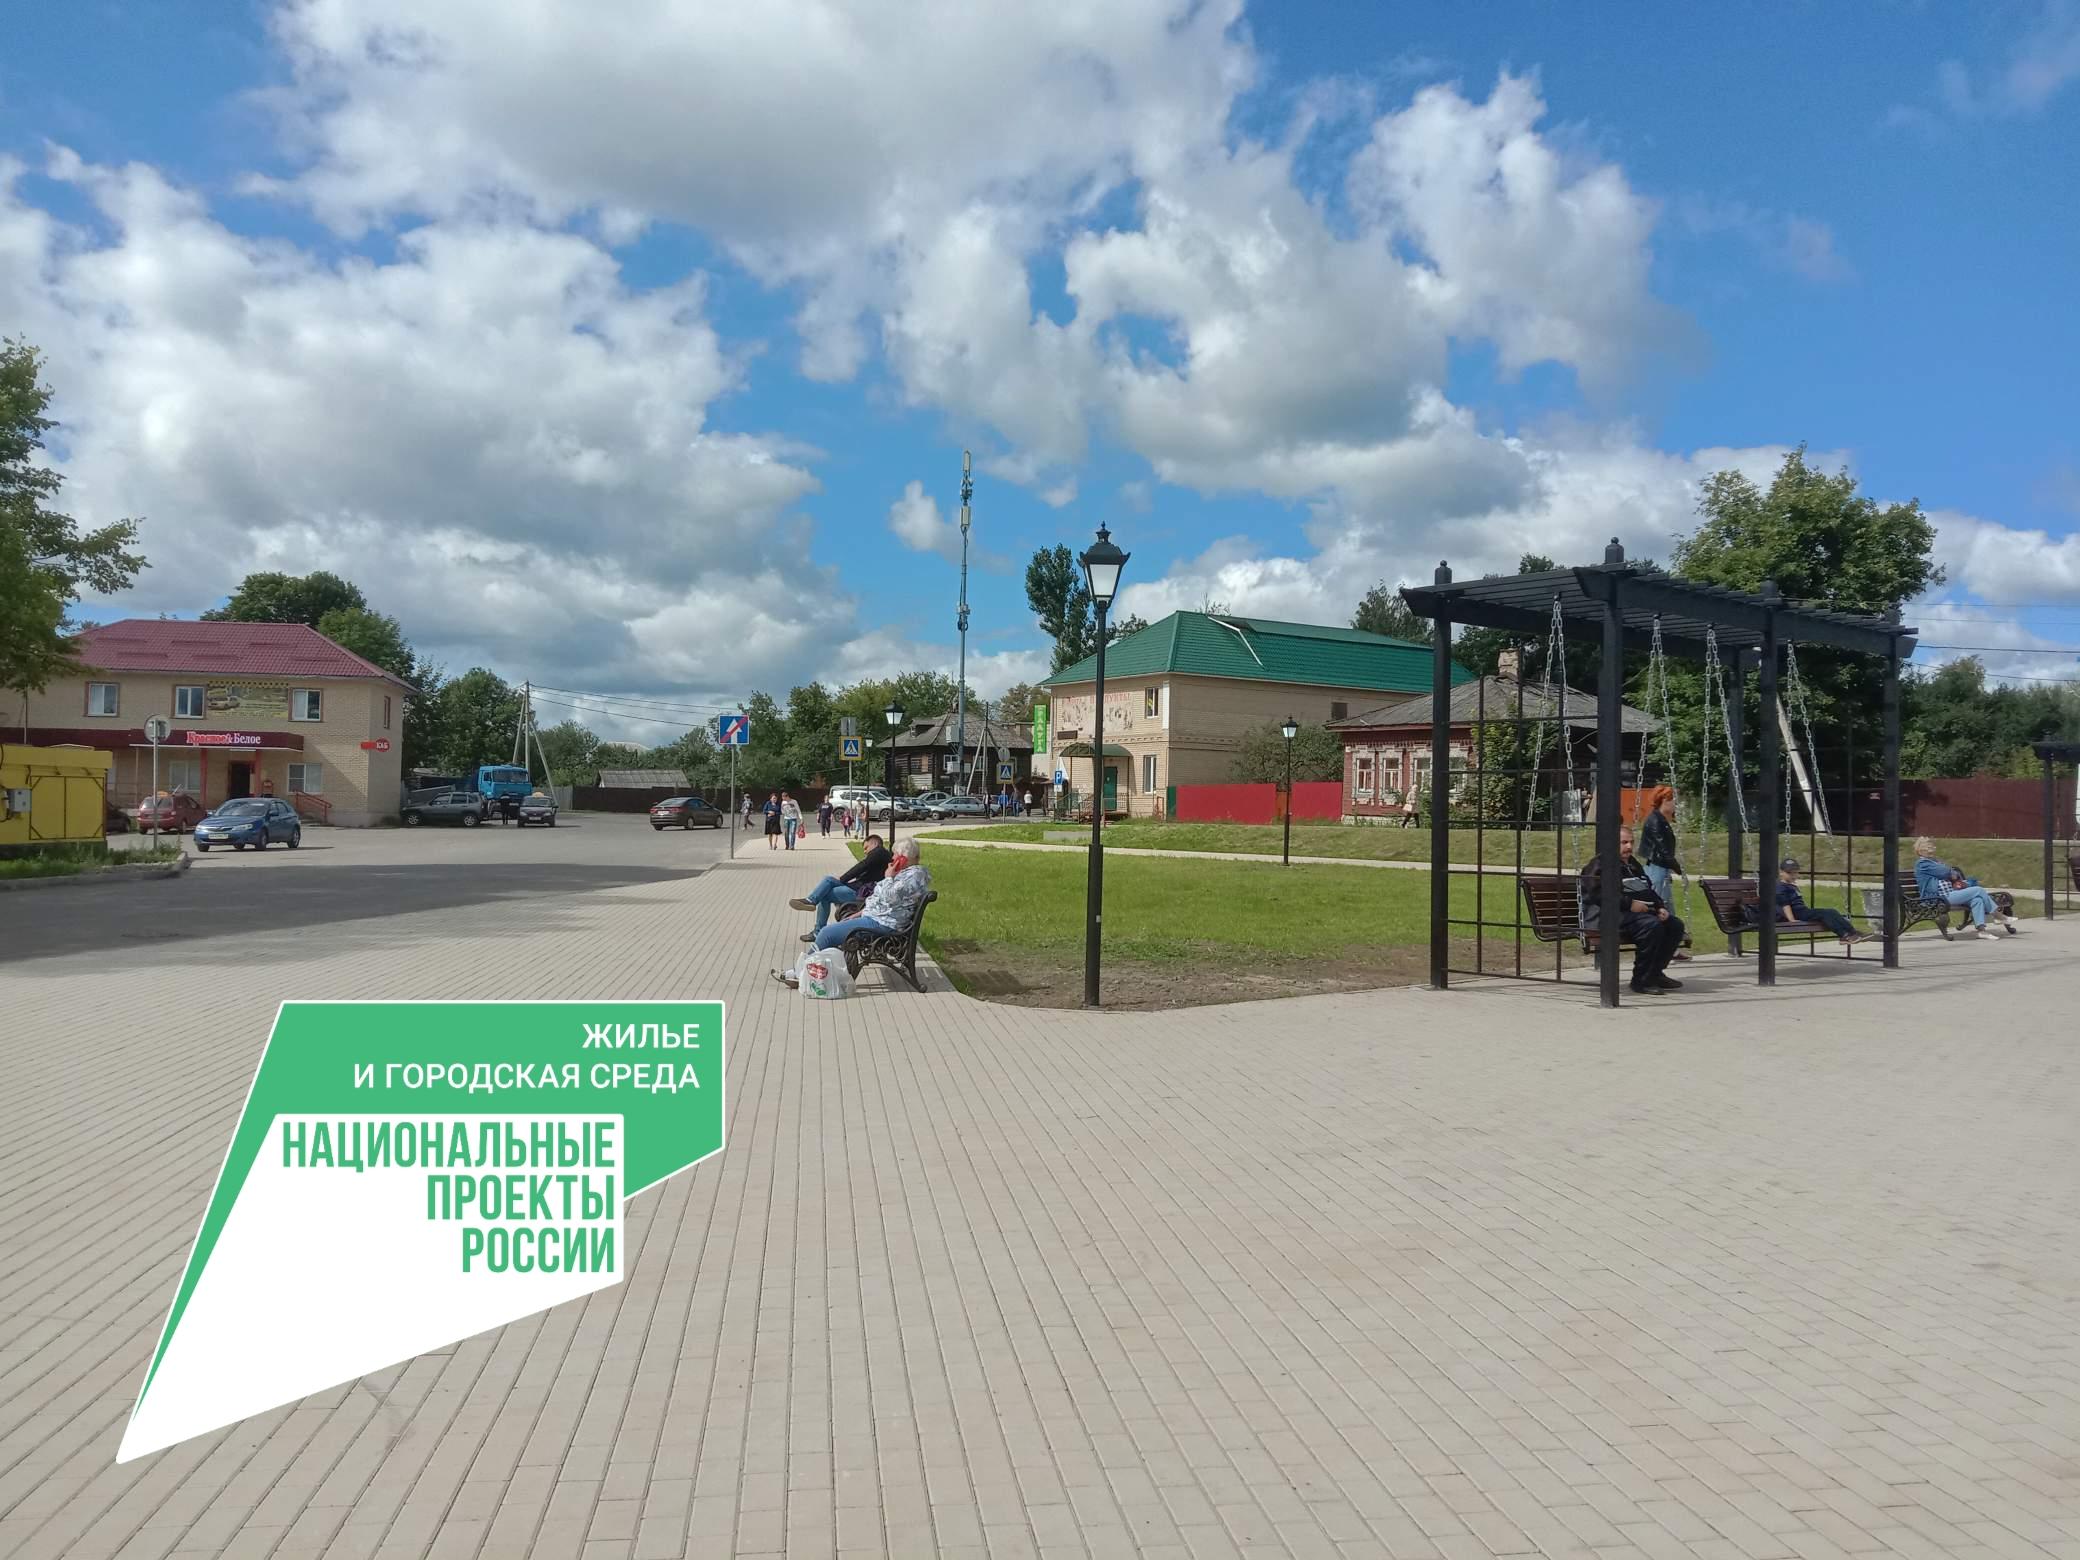 В Данилове реконструировали Привокзальную площадь в рамках нацпроекта «Жилье и городская среда»